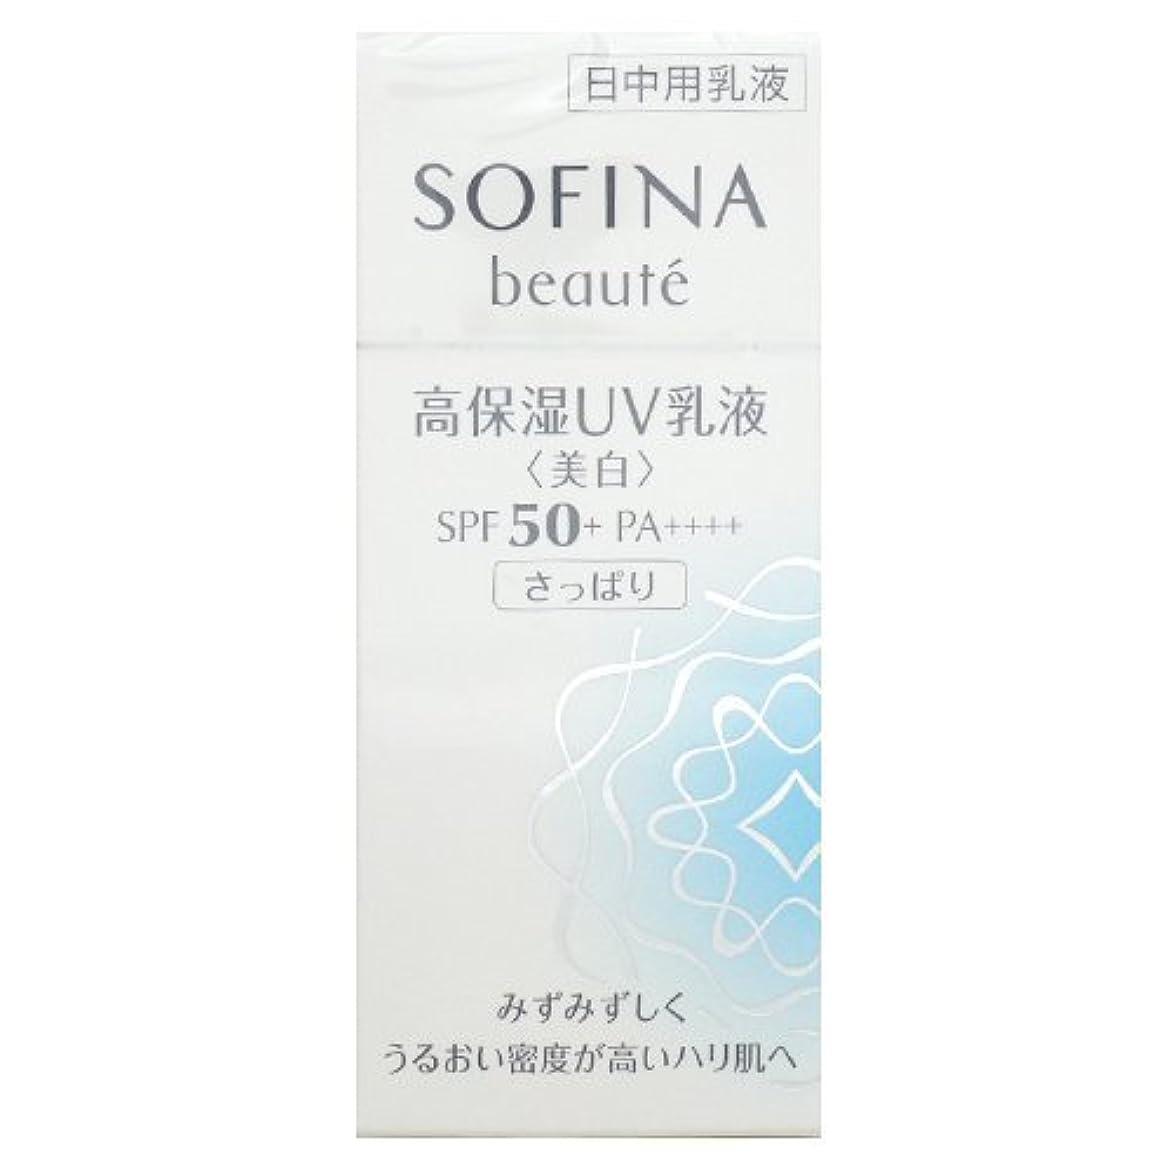 宿命裁量地区花王 ソフィーナ ボーテ SOFINA beaute 高保湿UV乳液 美白 SPF50+ PA++++ さっぱり 30mL [並行輸入品]